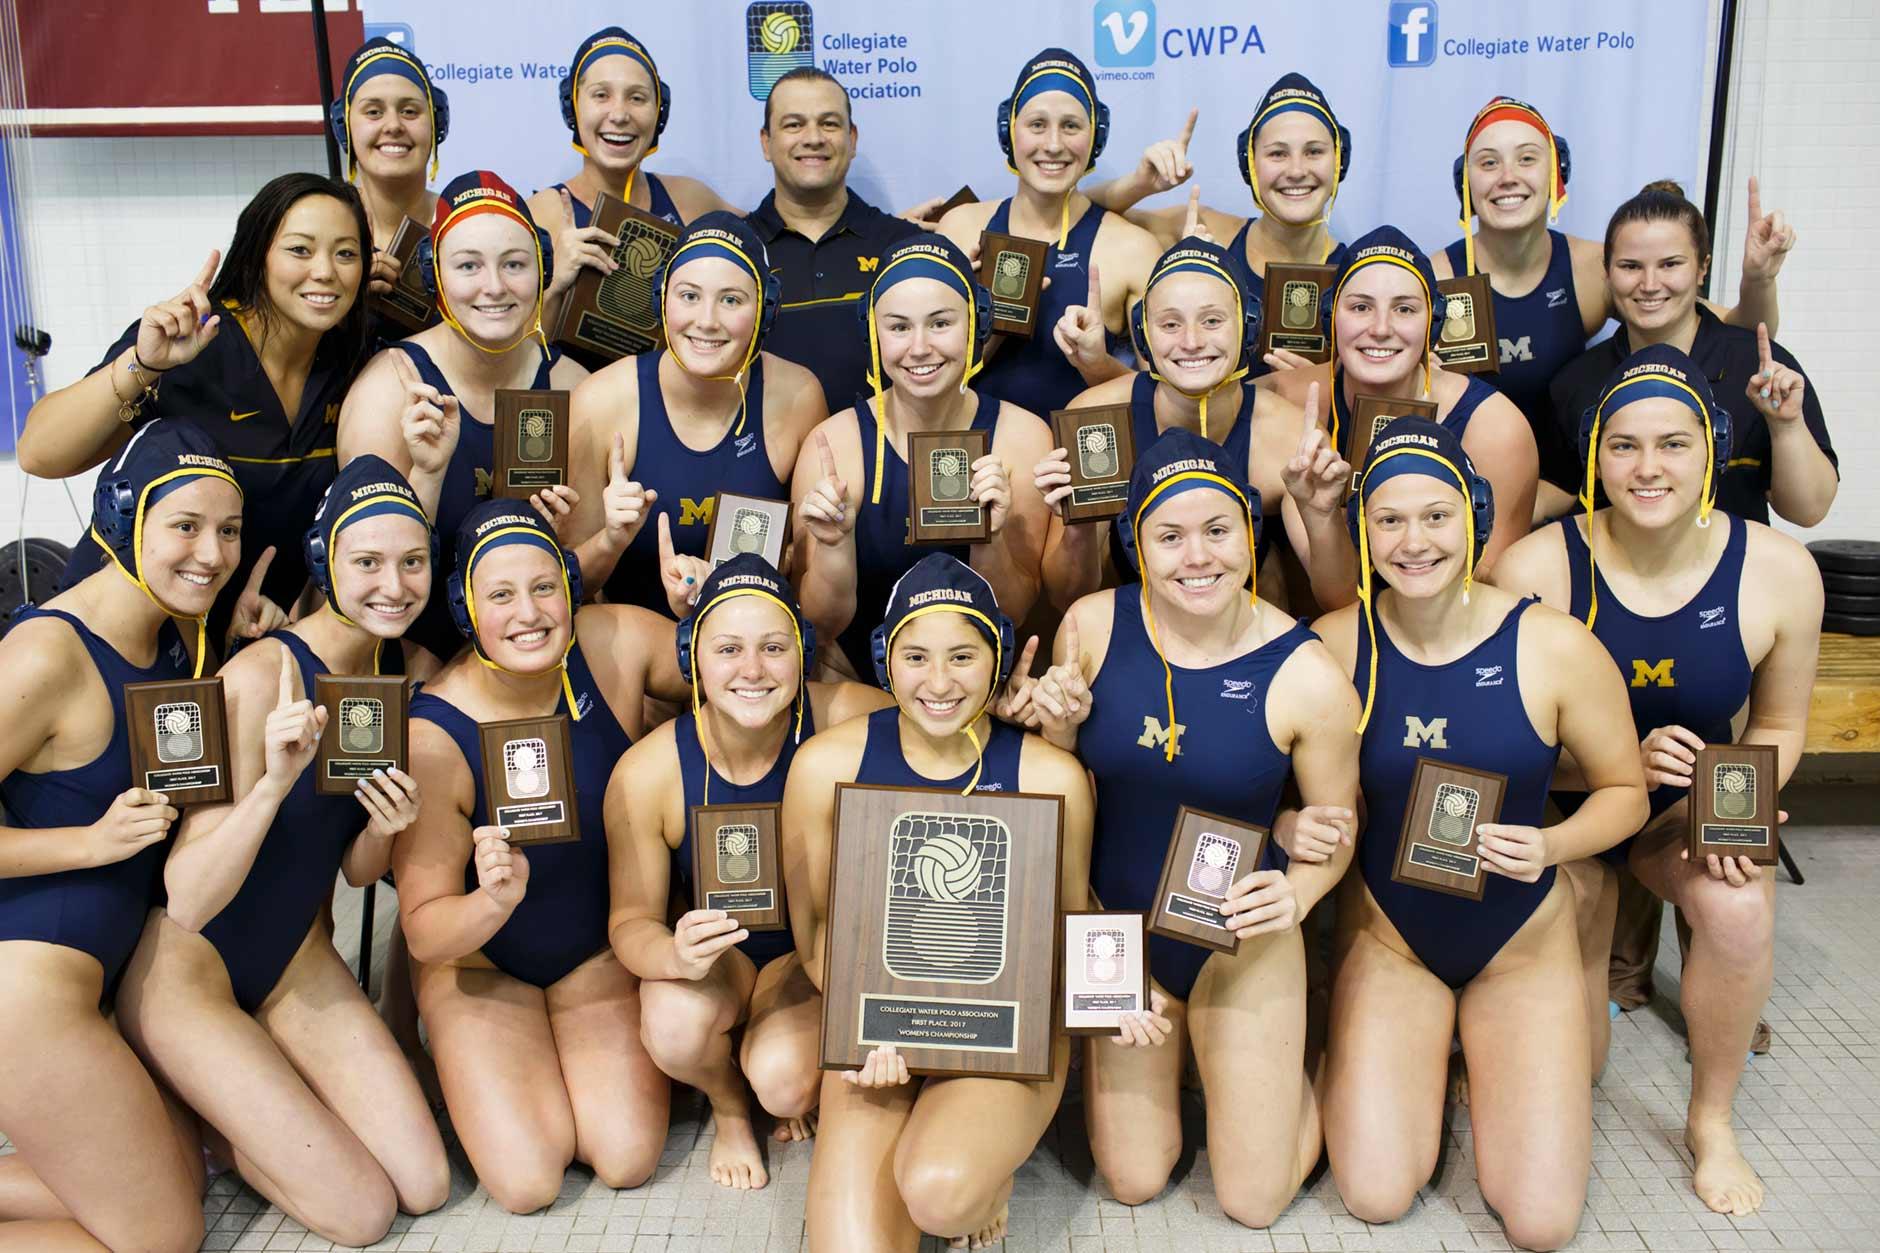 Michigan at CWPA Championship